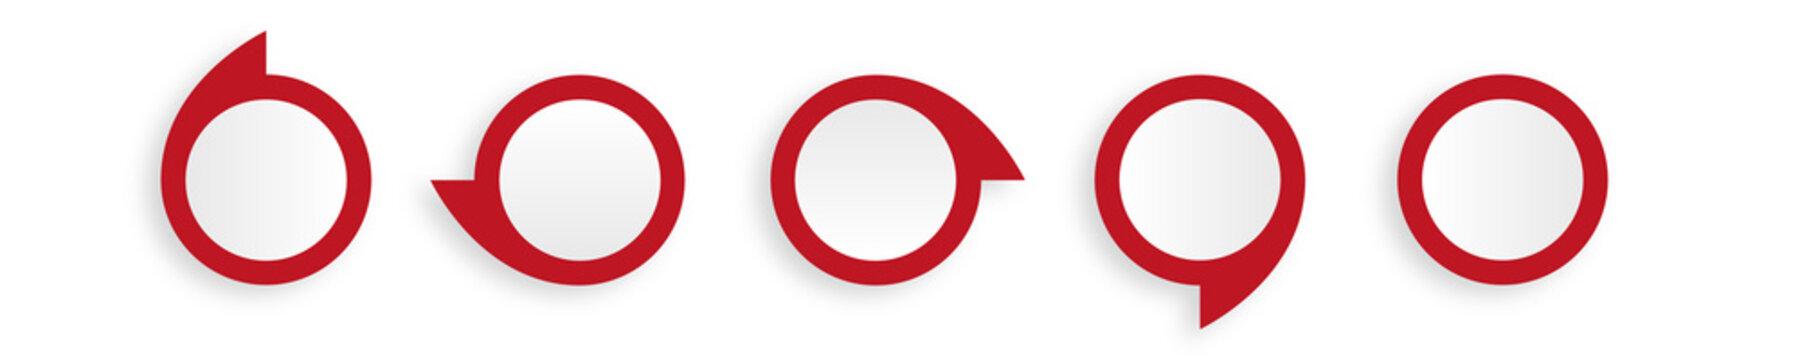 rote Sprechblasen modern